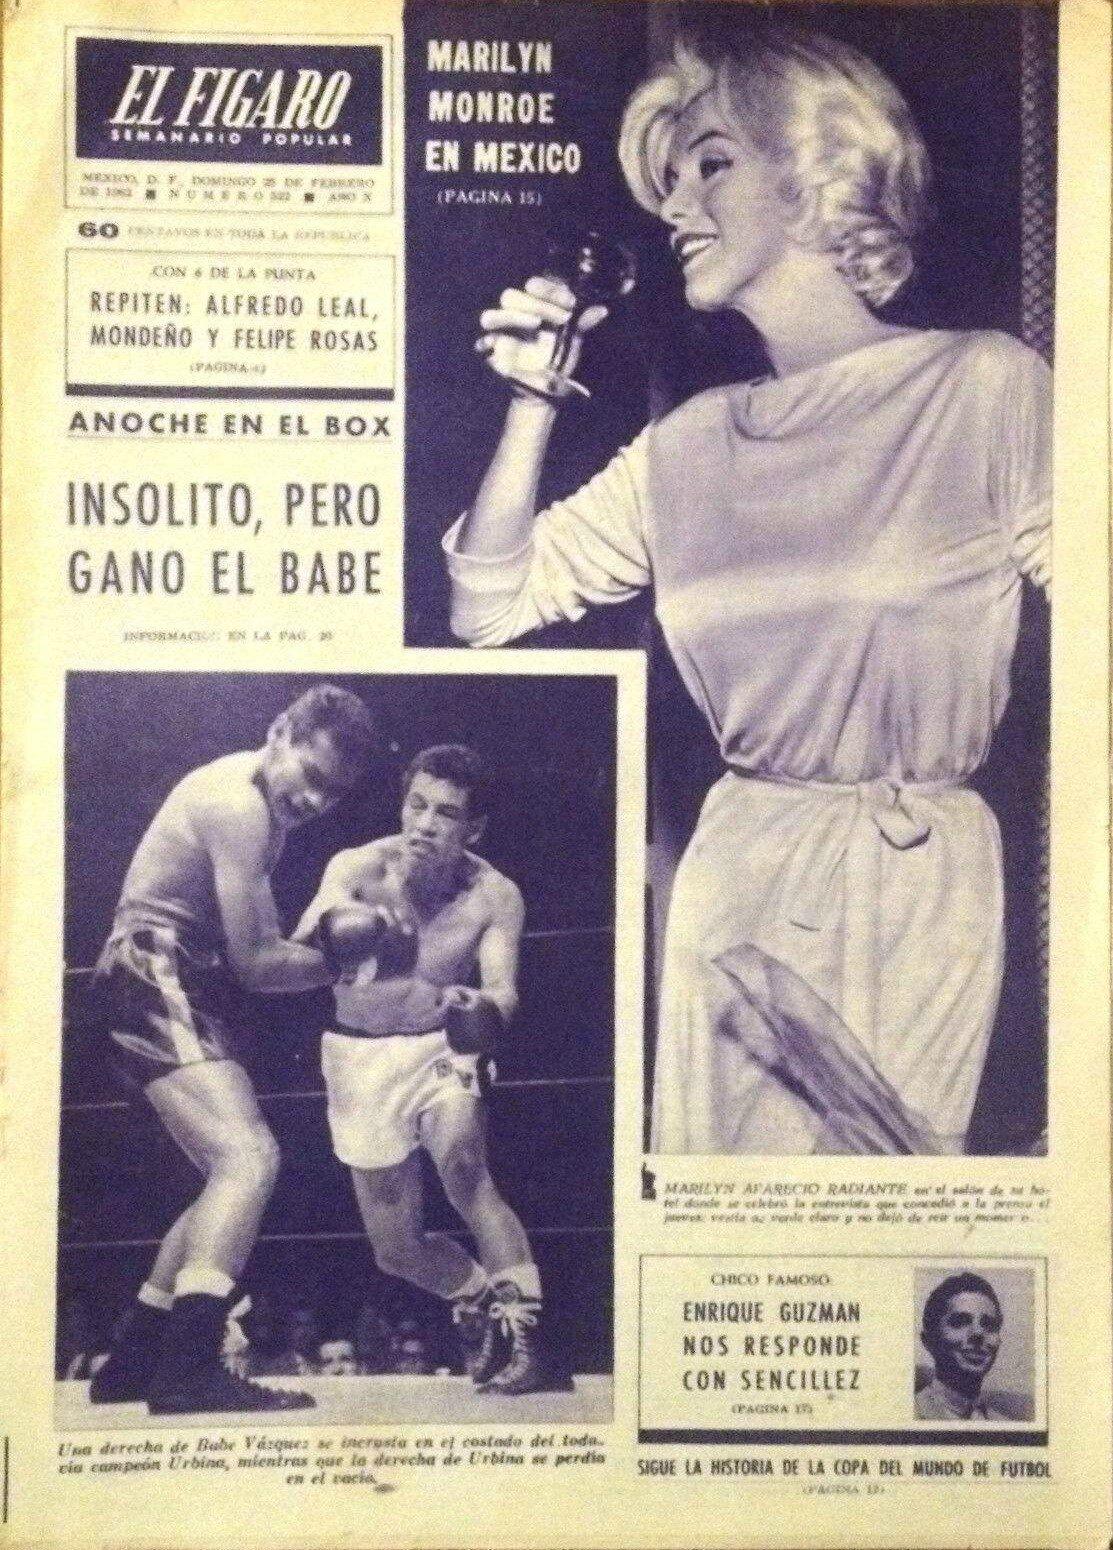 1962-02-25-el_figaro-mexique